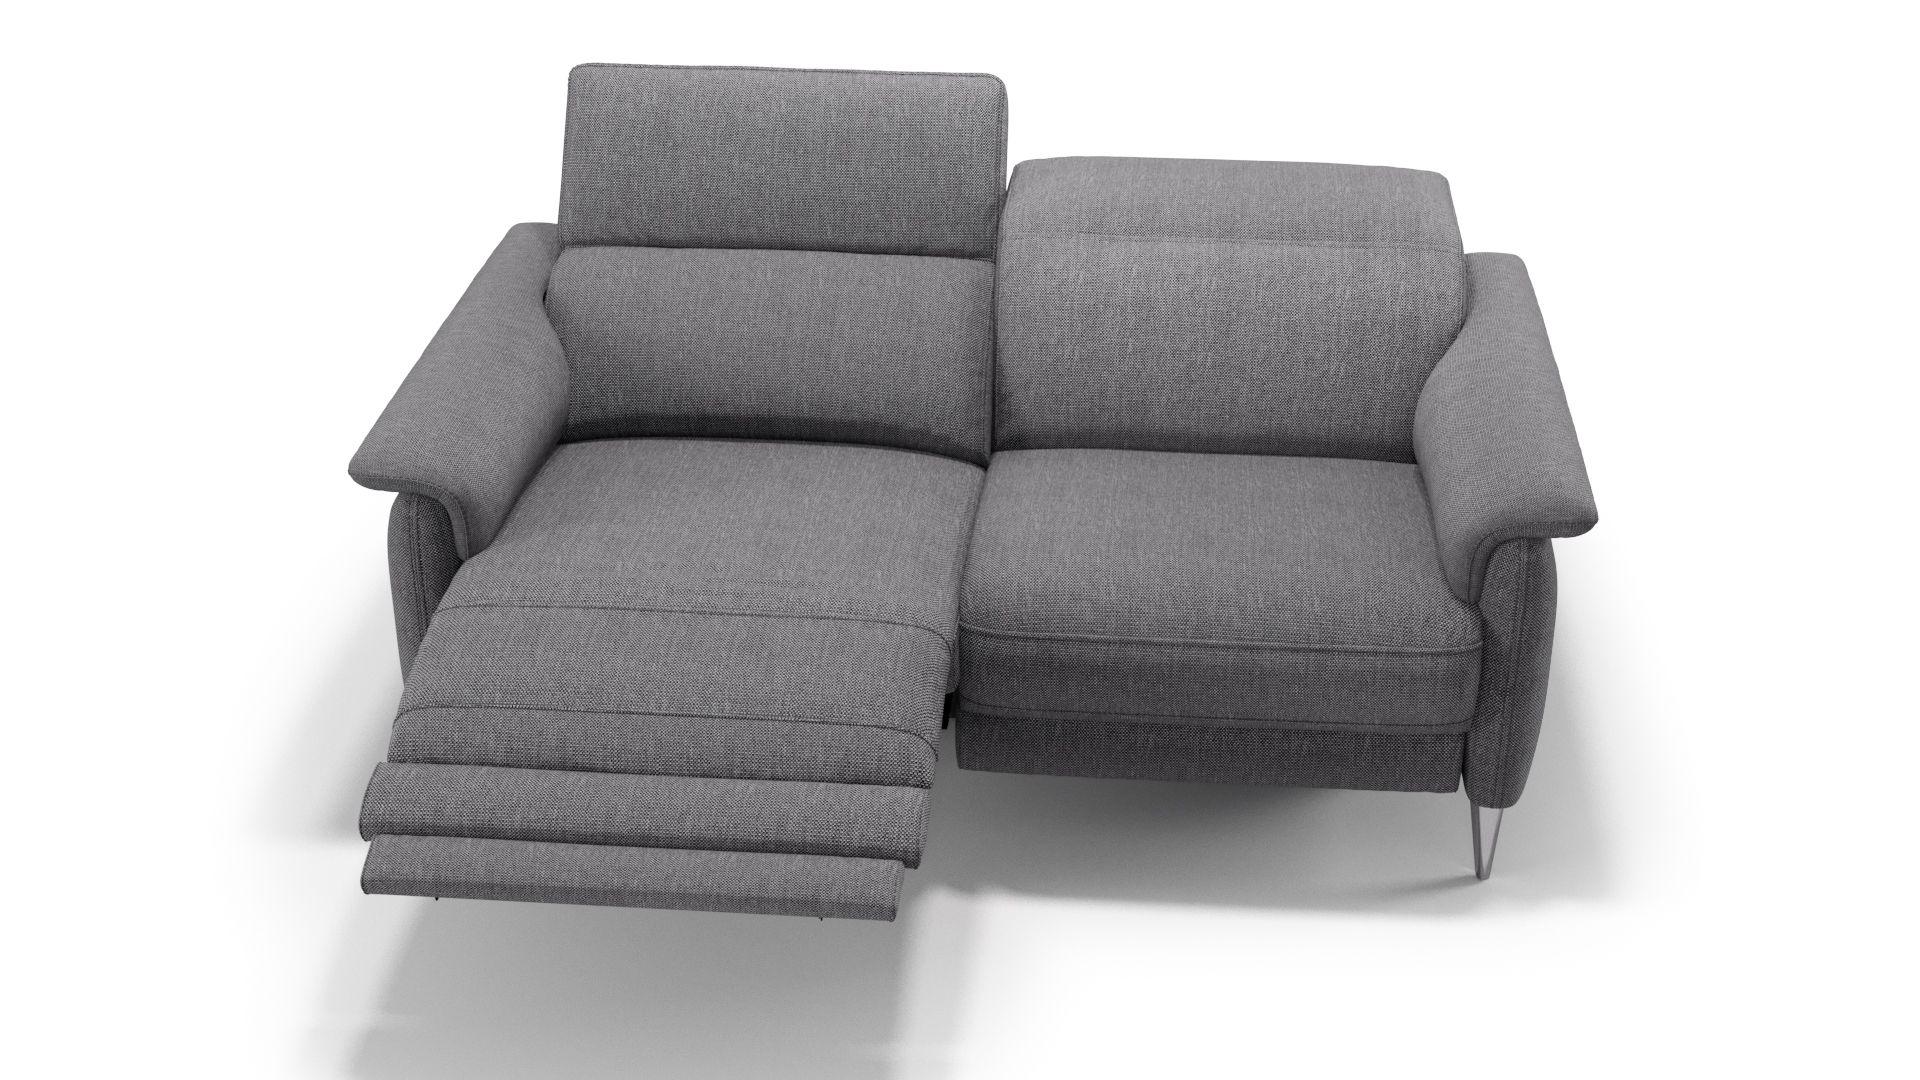 Full Size of 2 Sitzer Sofa Mit Relaxfunktion Barletta Stoffsofa Design Couch Kaufen Sofanella Hussen Für Xxl U Form Grau Leder Kleiderschrank Regal 3 Bett 200x200 Sofa 2 Sitzer Sofa Mit Relaxfunktion